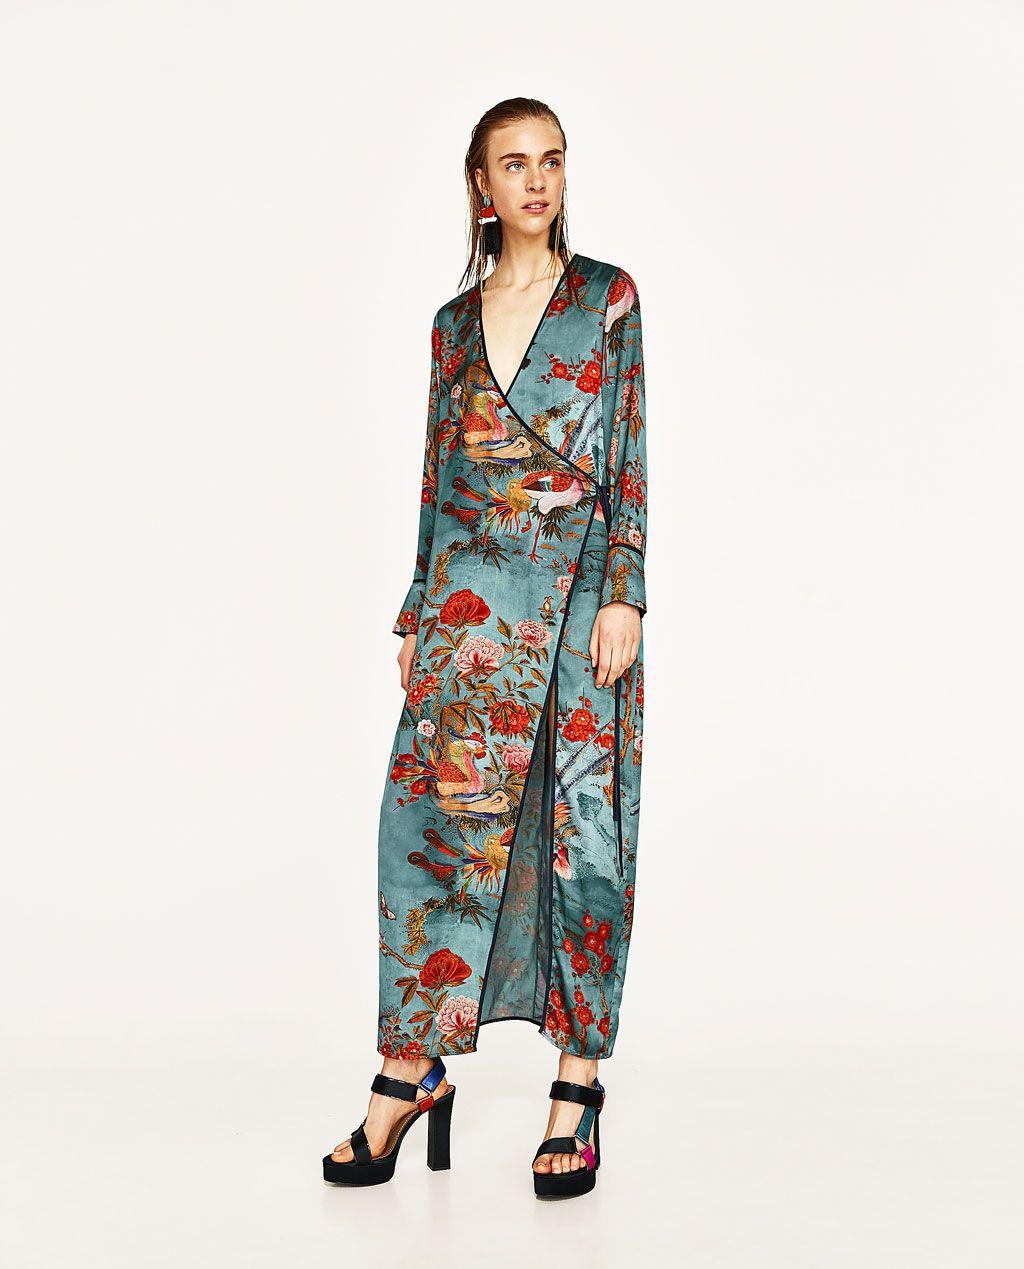 langes gestreiftes kleid mit blumen maxi kleider damen. Black Bedroom Furniture Sets. Home Design Ideas